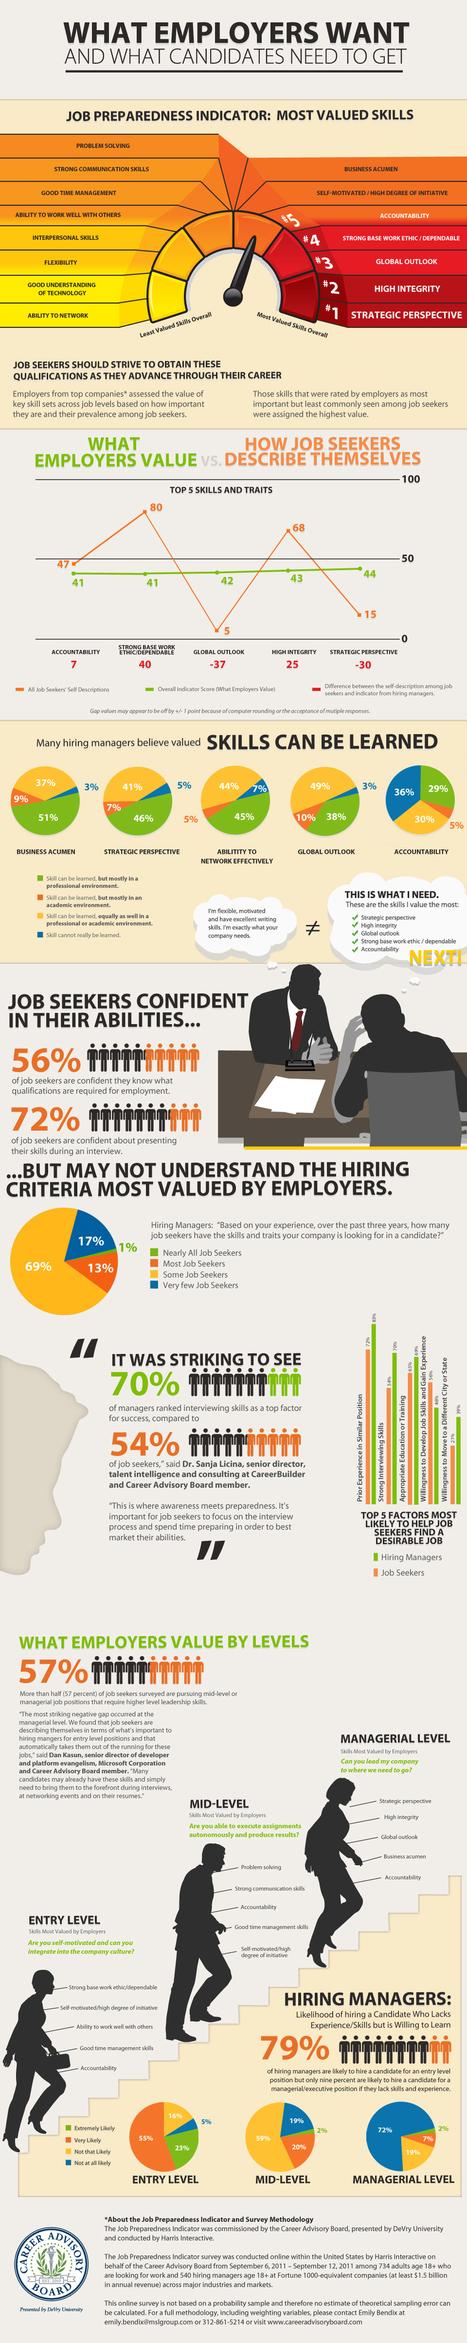 Candidats : Ce que les employeurs recherchent comme compétences (infographie)   Entretiens Professionnels   Scoop.it